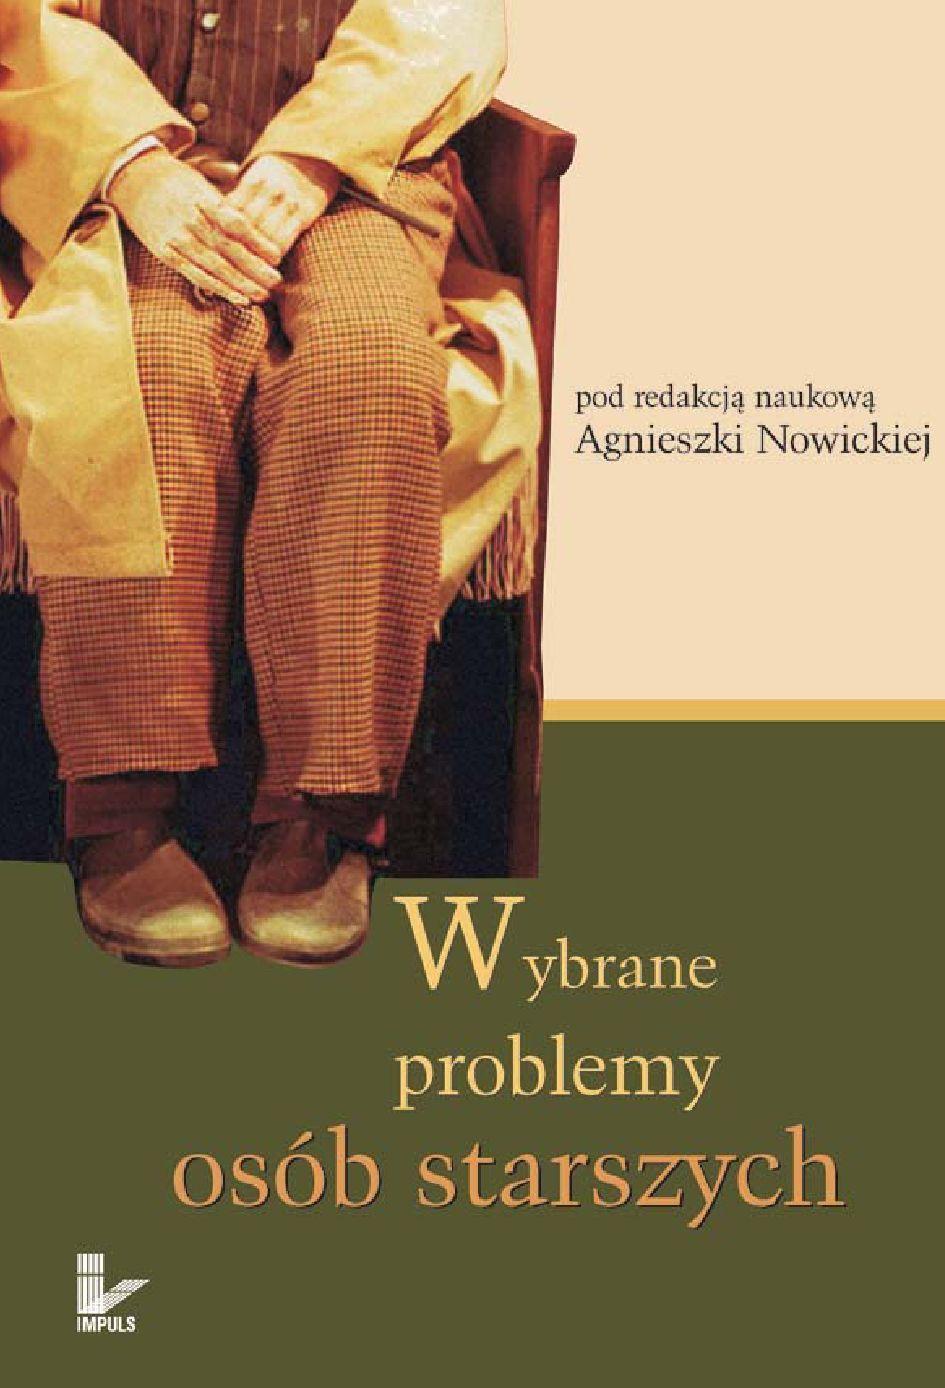 Wybrane problemy osób starszych - Ebook (Książka EPUB) do pobrania w formacie EPUB